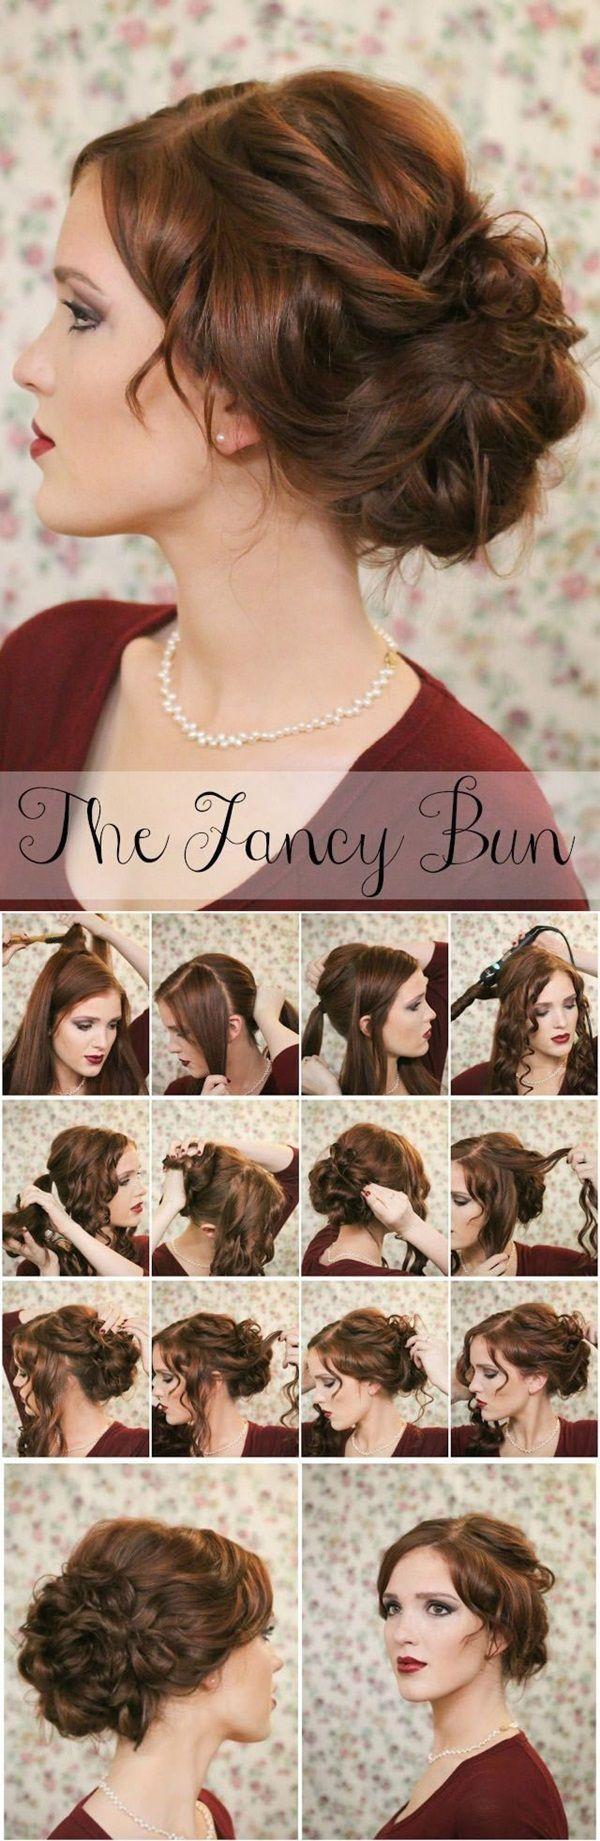 fancy bun diy wedding hairstyles for vintage wedding ideas